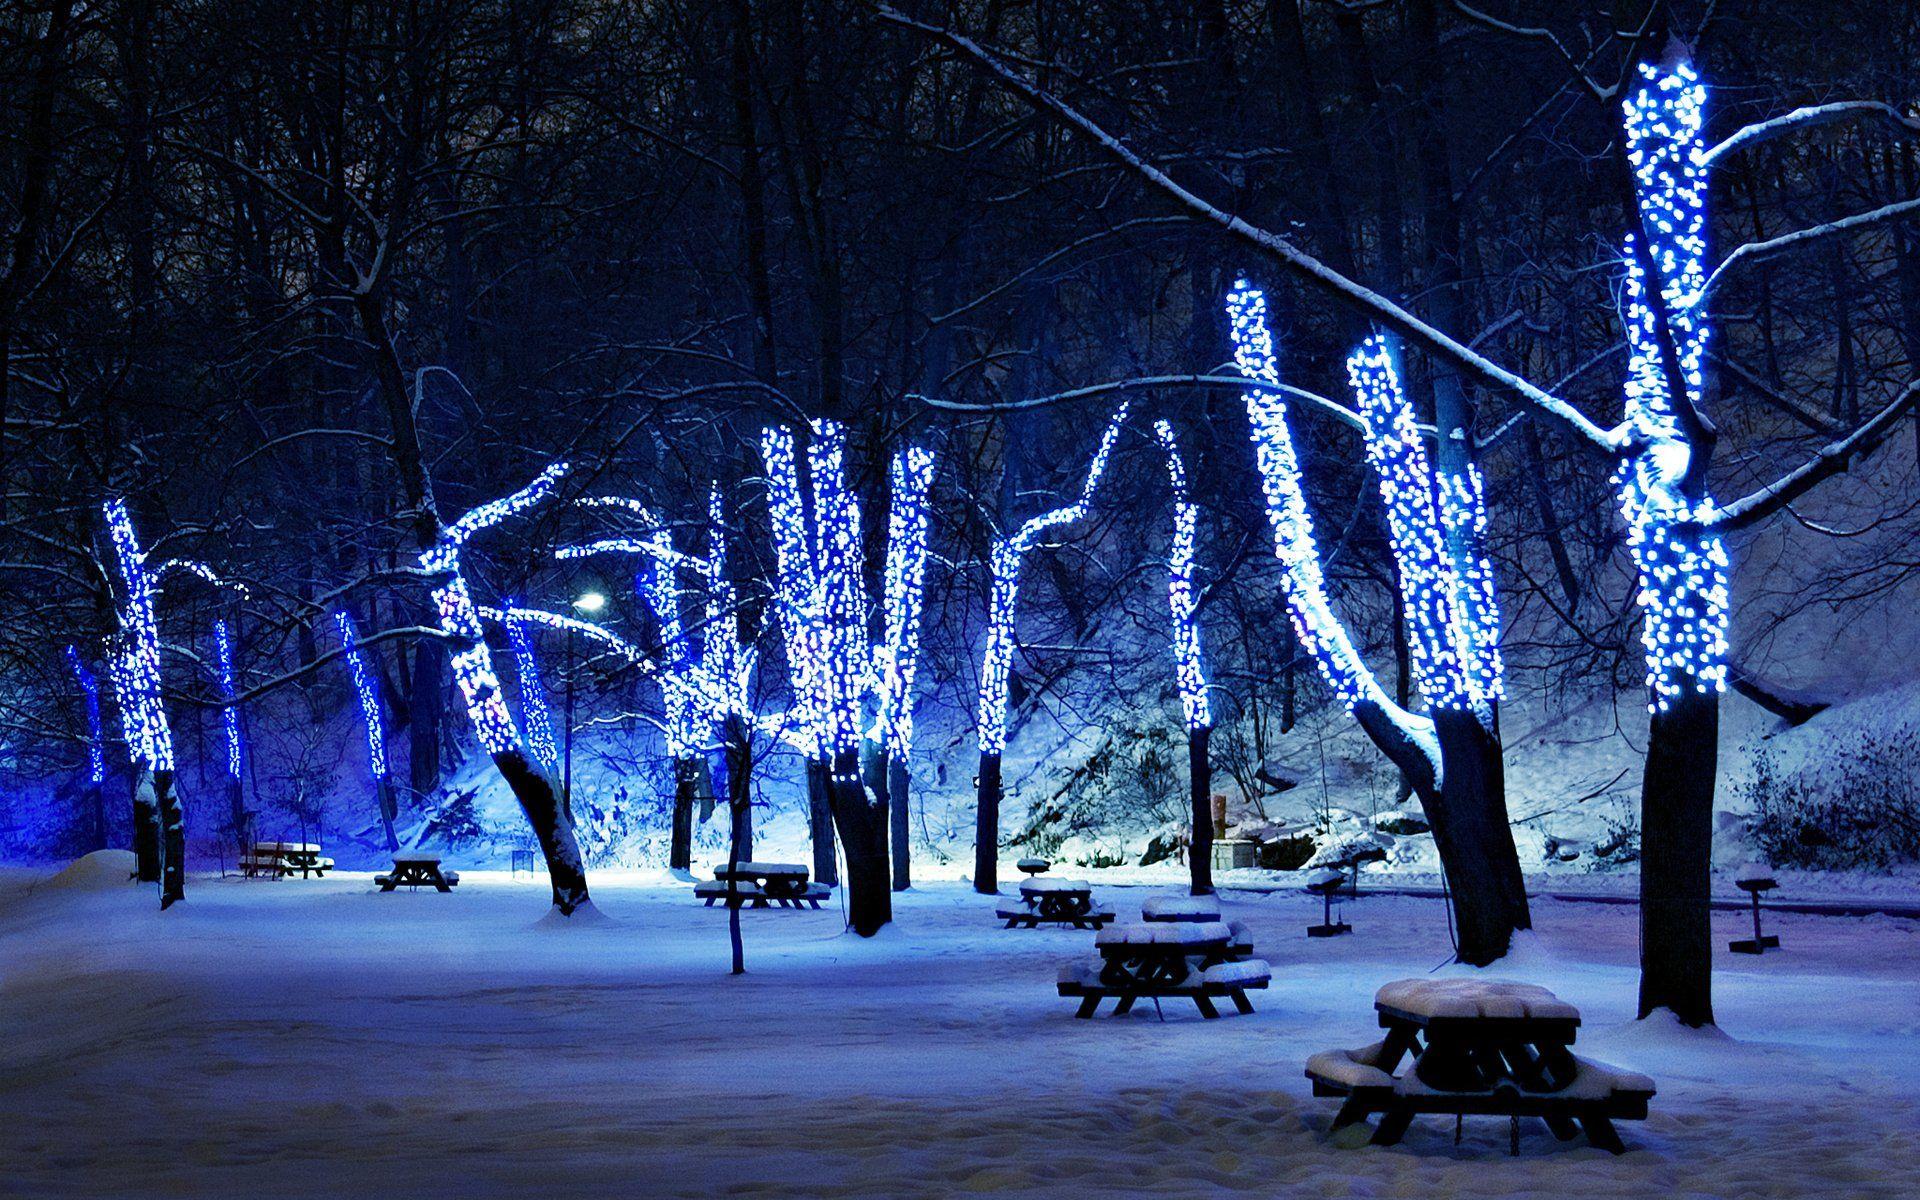 Christmas Tree Lights In Winter Park Wallpaper Free Winter Wallpaper Winter Light Free Winter Wallpaper